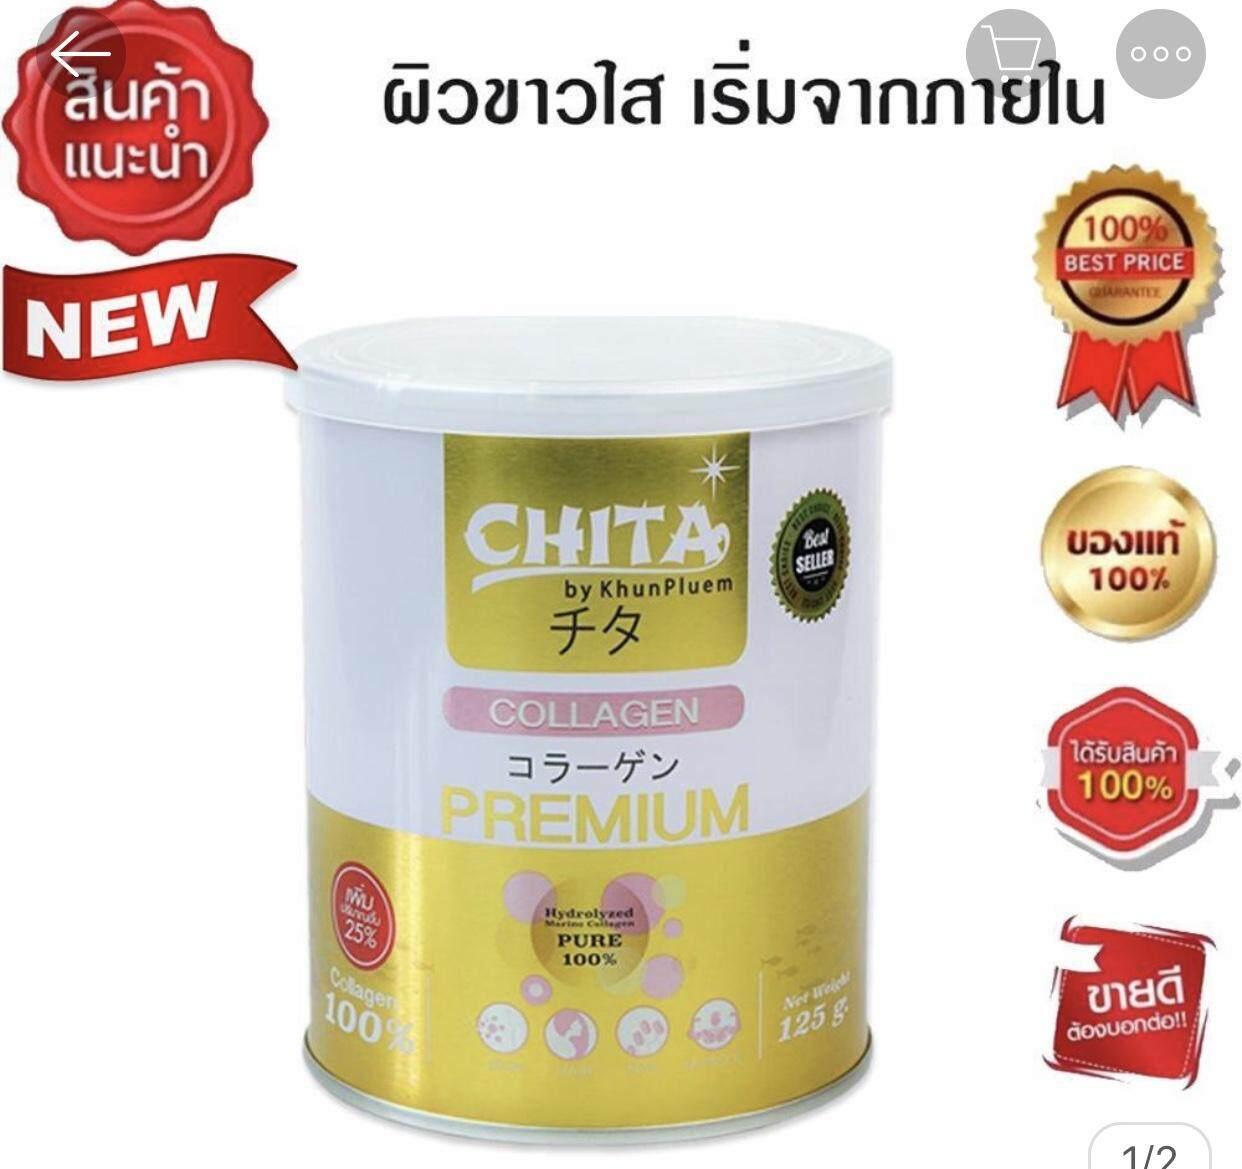 Chita Collagen ชิตะคอลลาเจน.